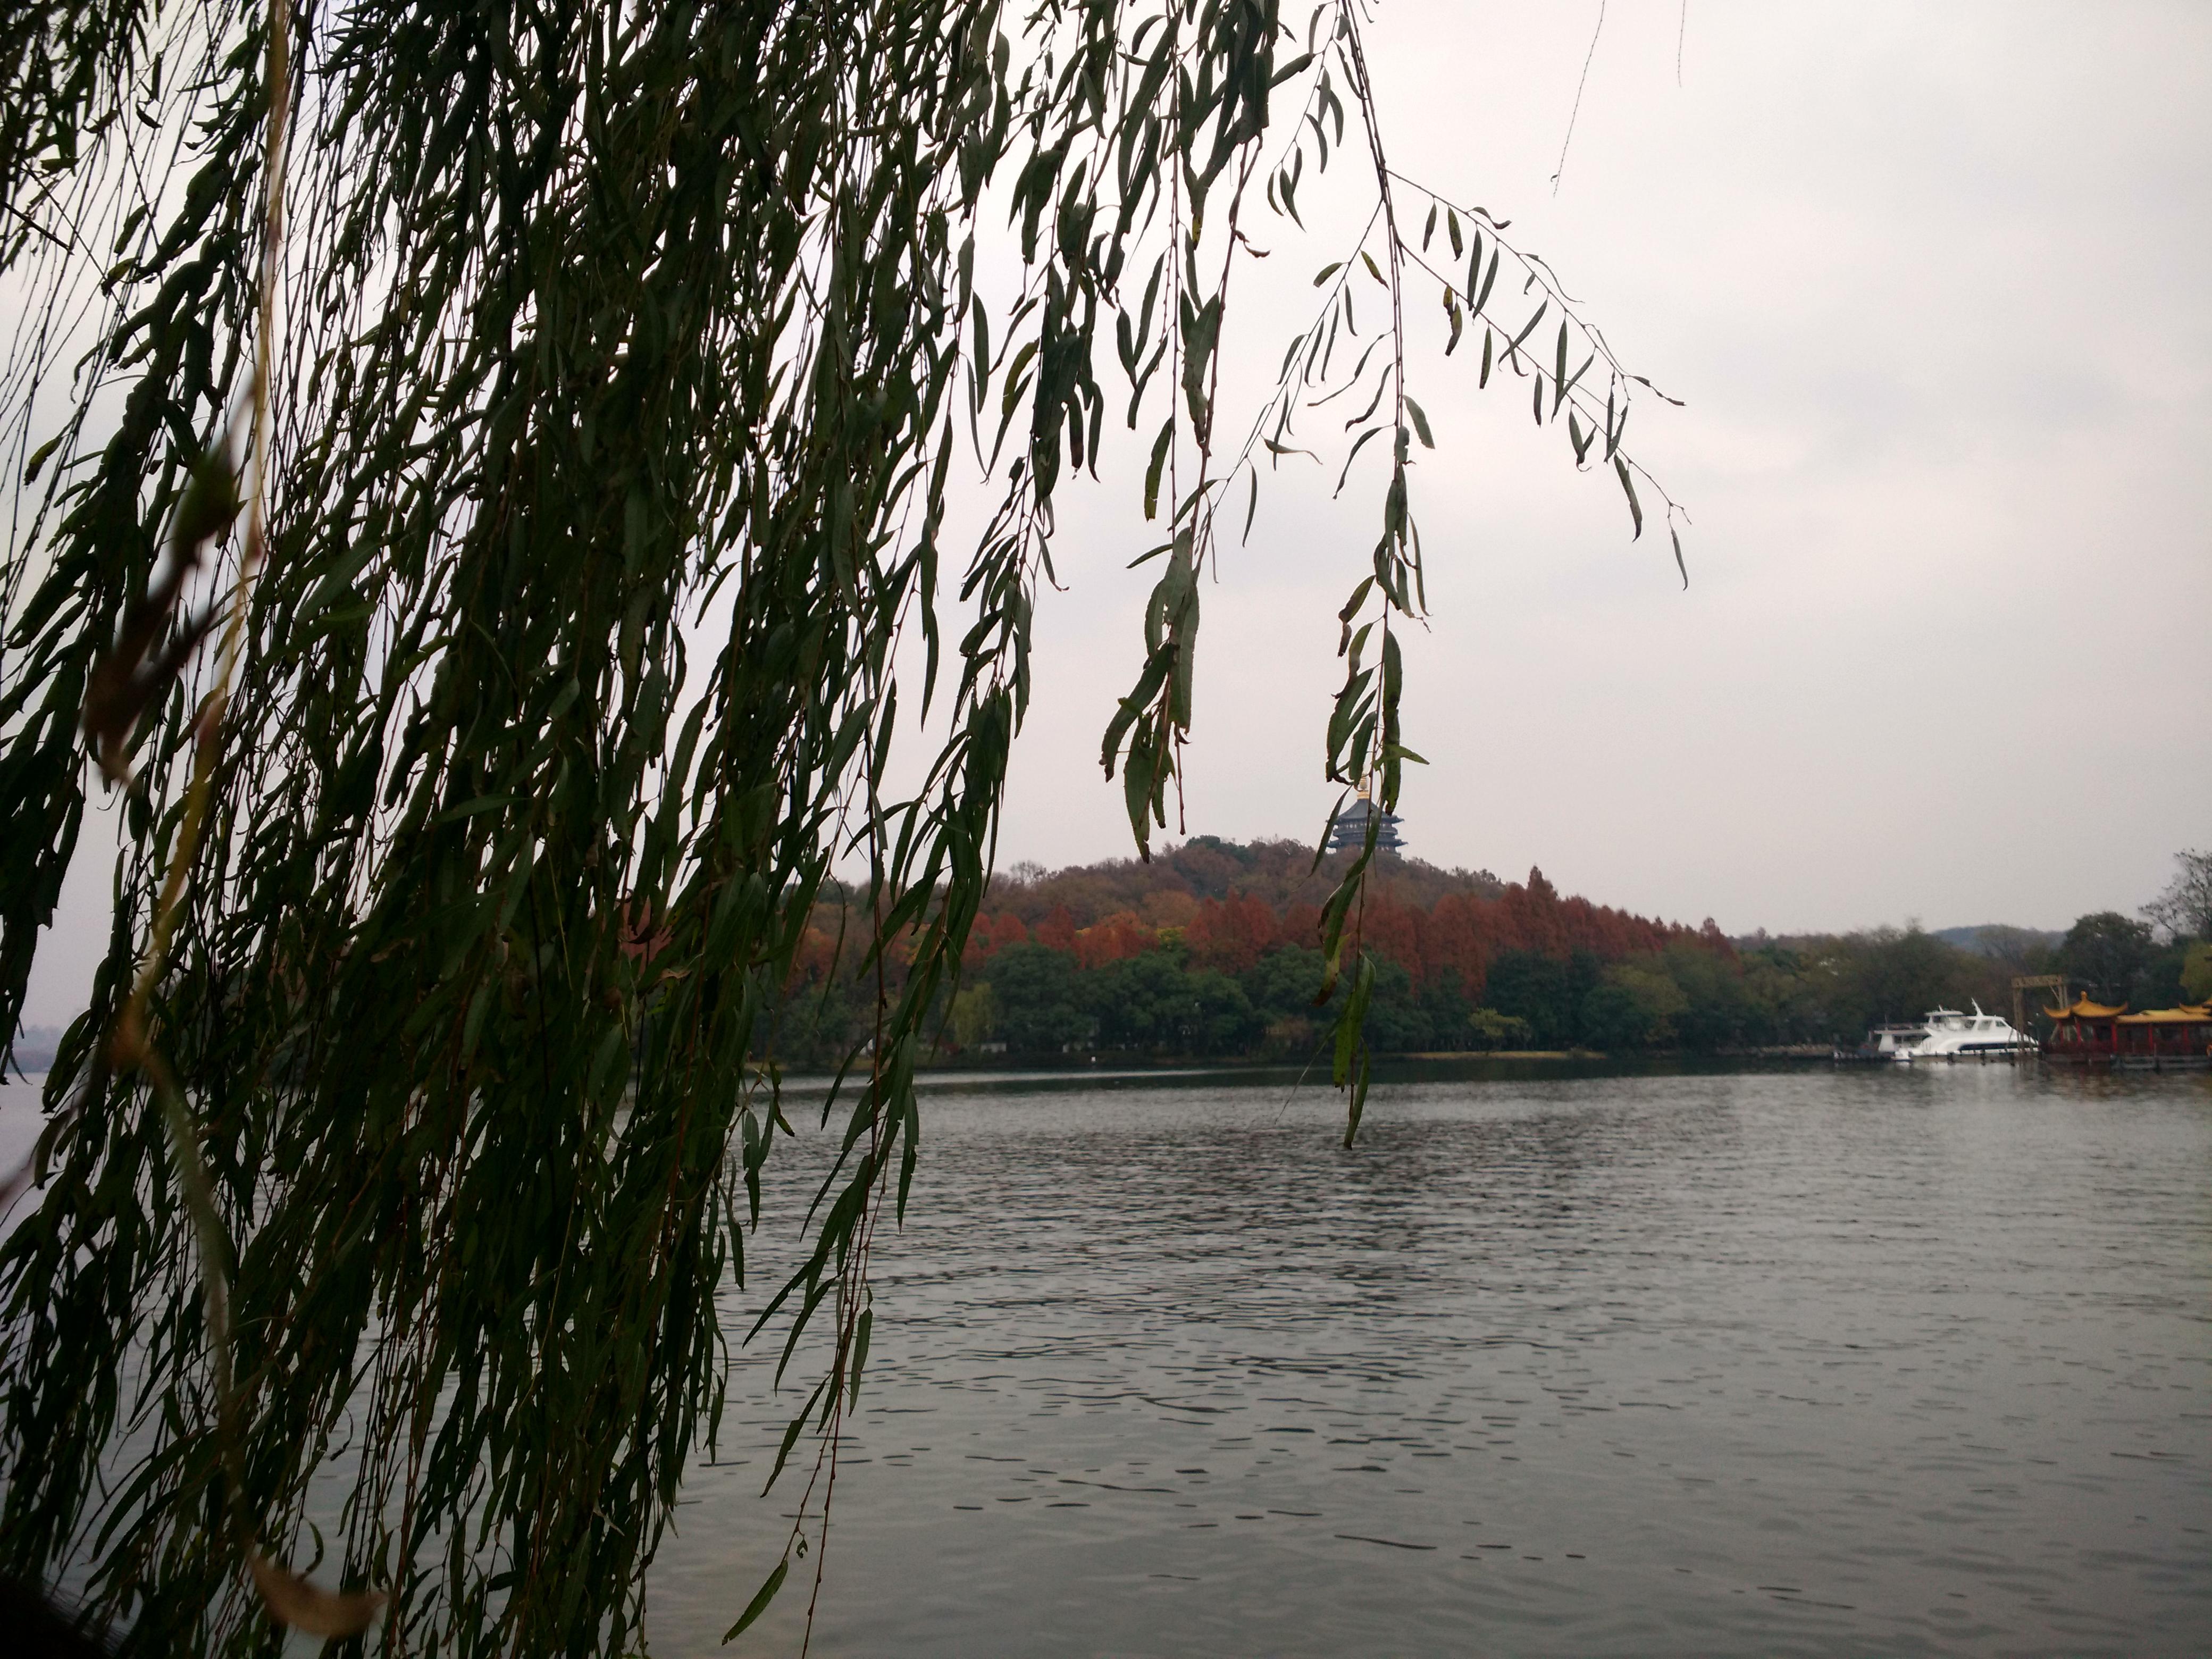 【携程攻略】杭州苏堤适合单独旅行旅游吗,苏堤单独